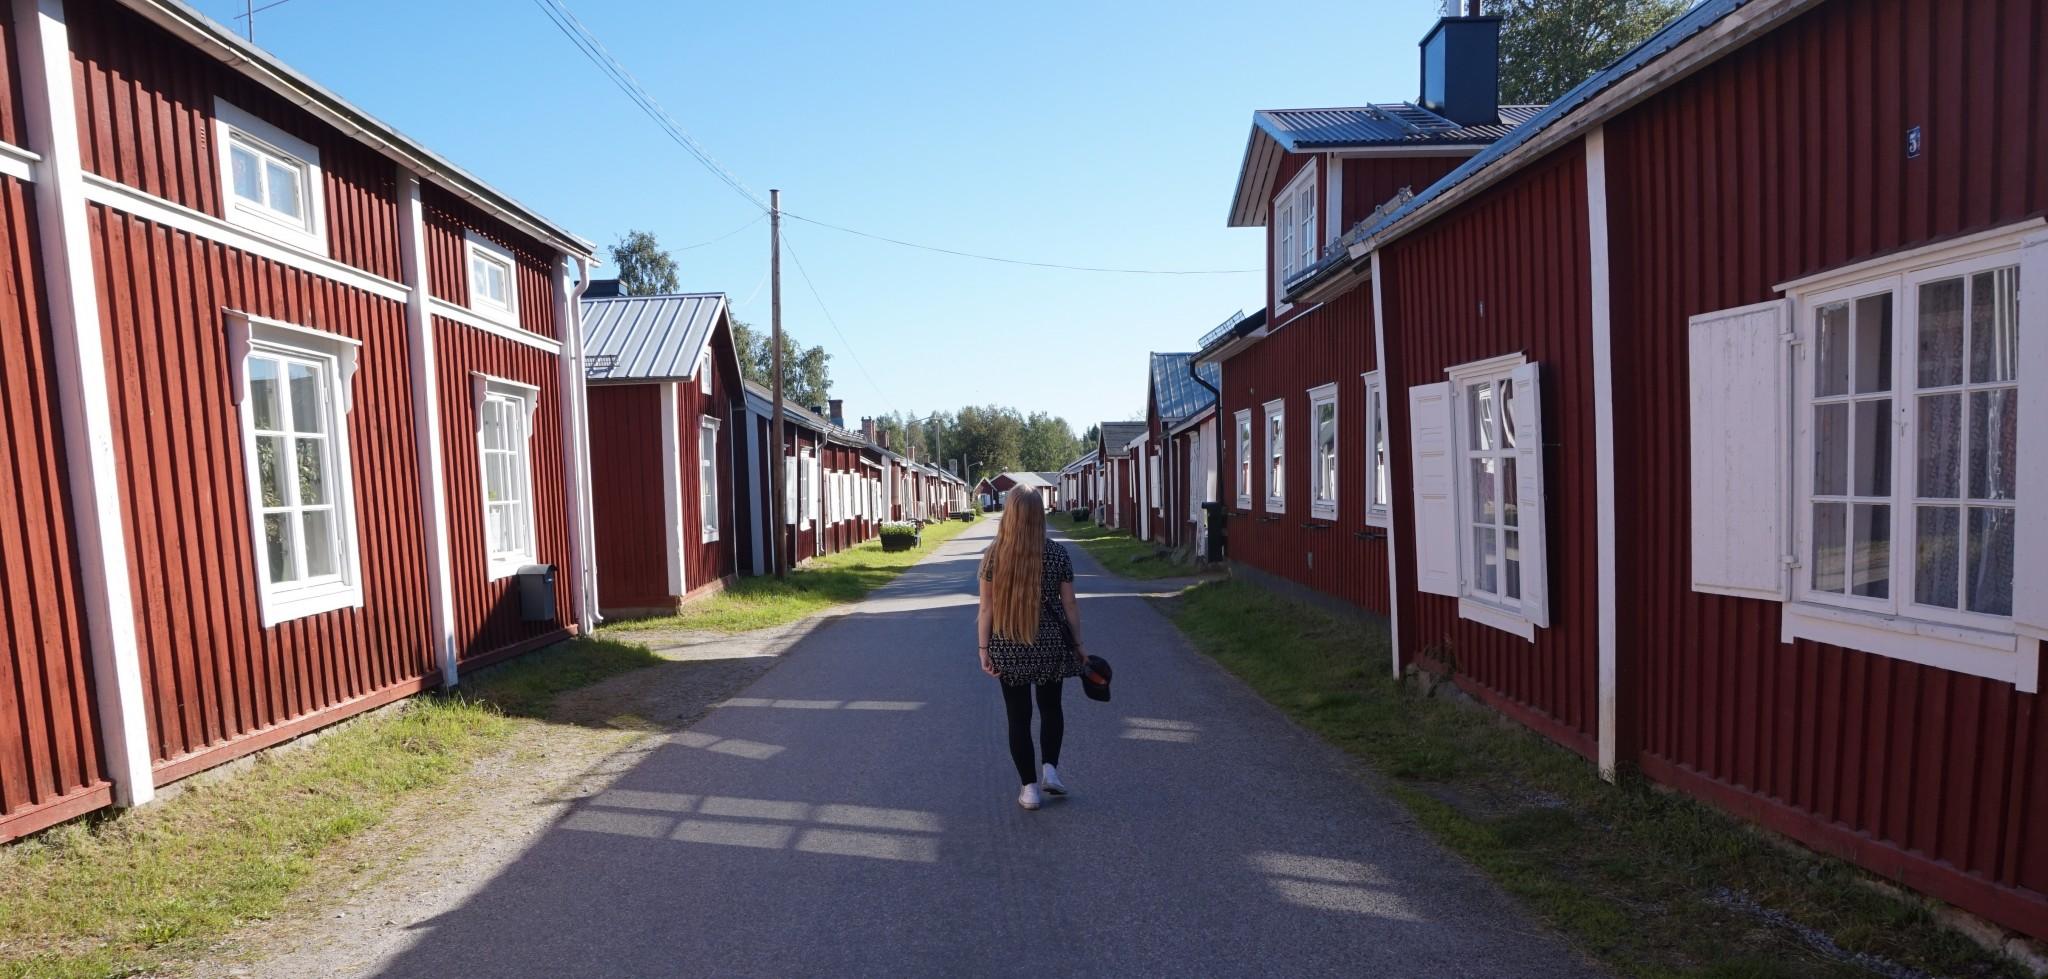 Gammelstad_luulaja_MJT (11)